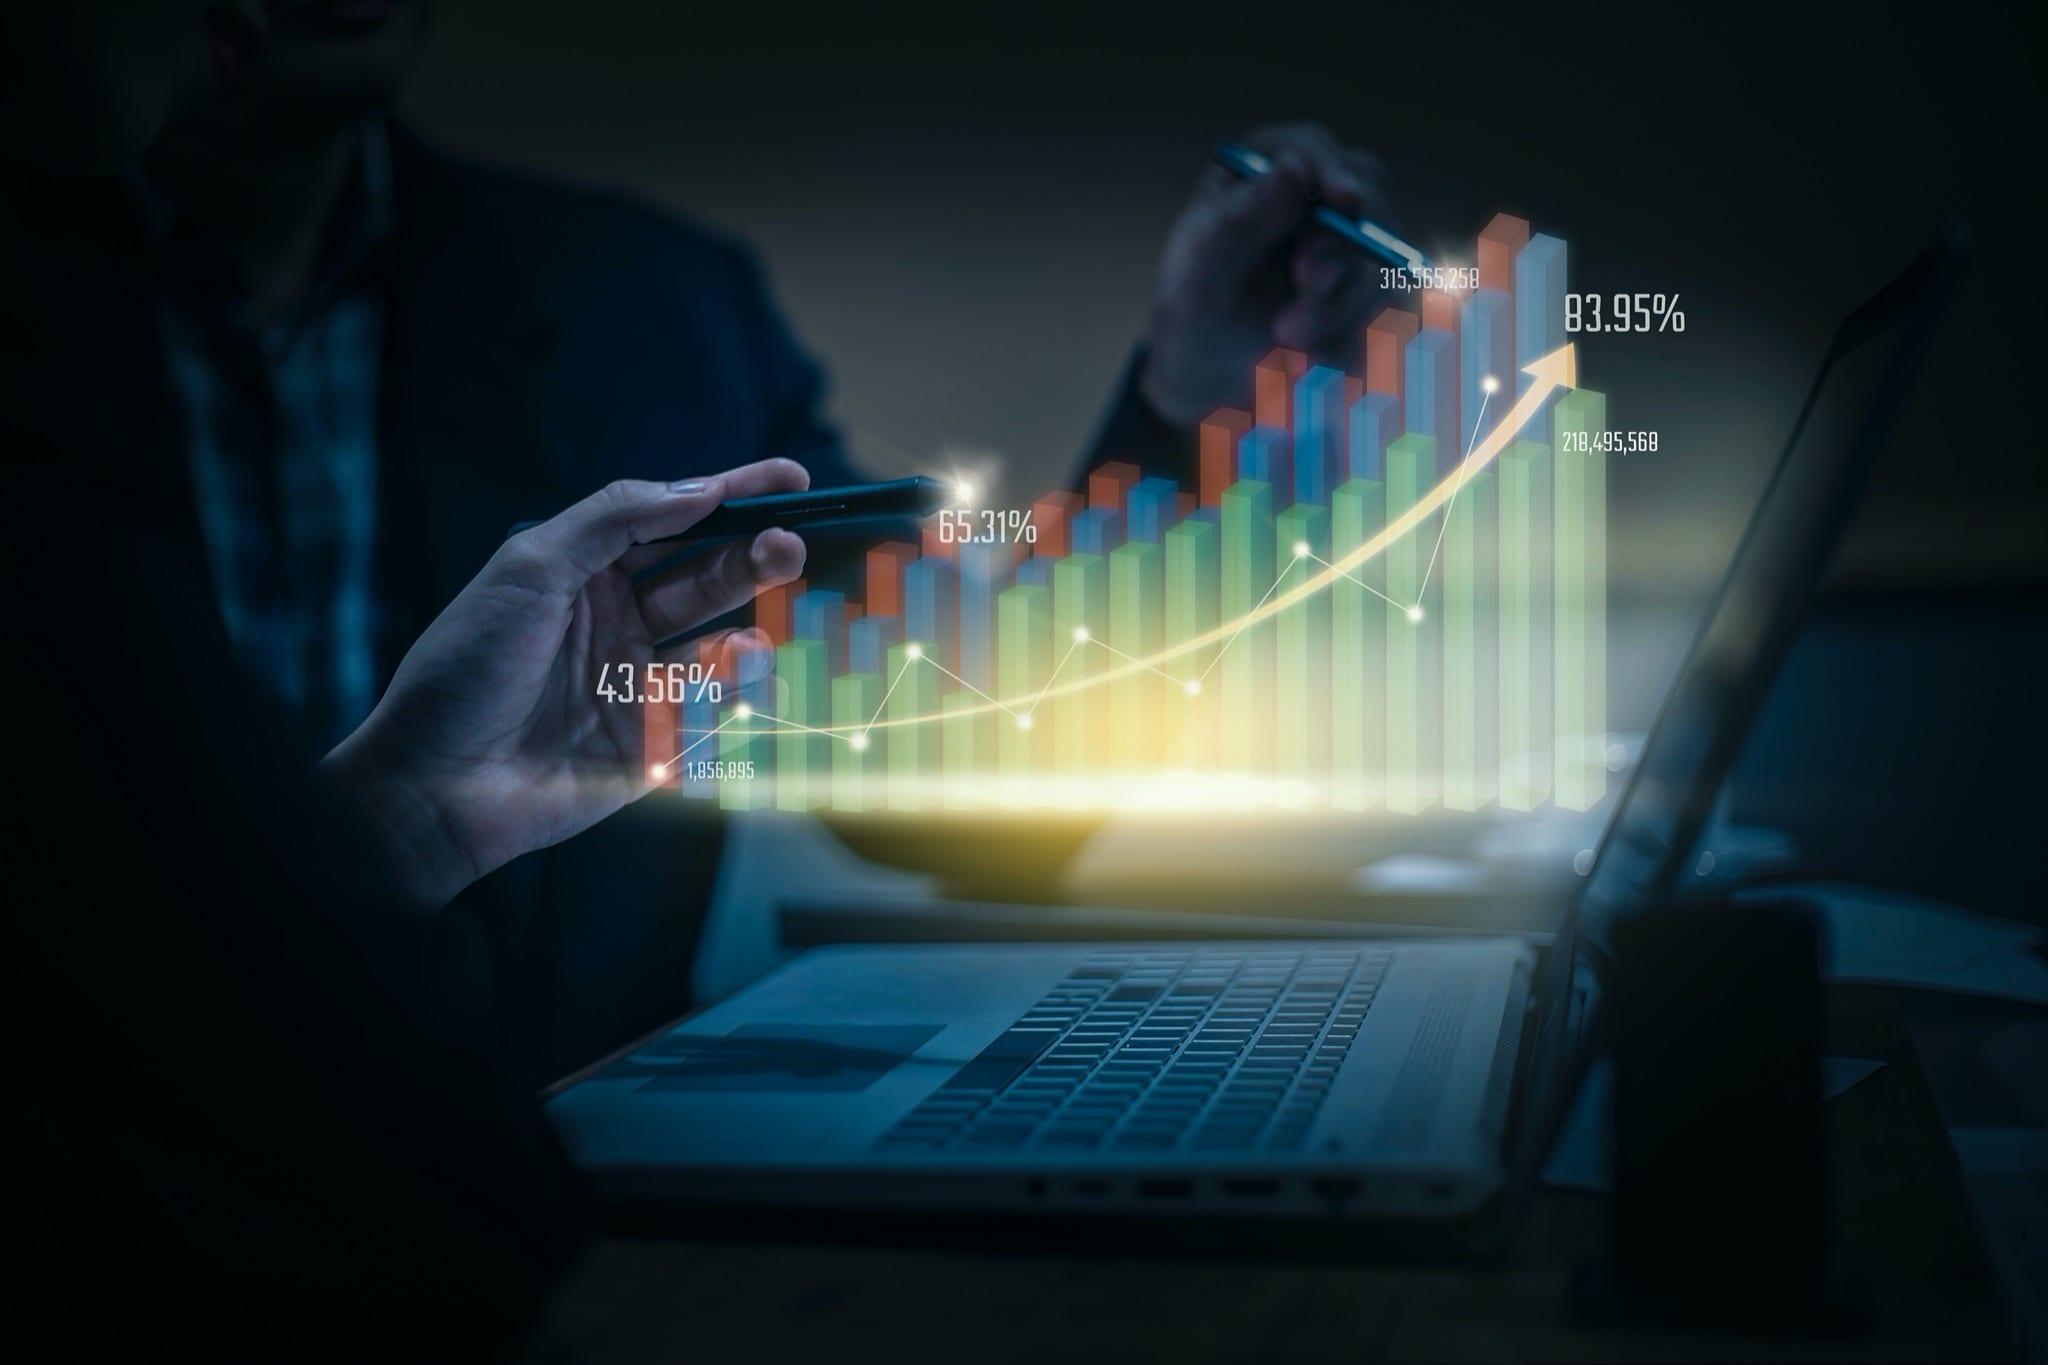 analiza - Analiză exclusivă Real Estate Magazine: Dinamică în creștere pentru piața investițiilor private